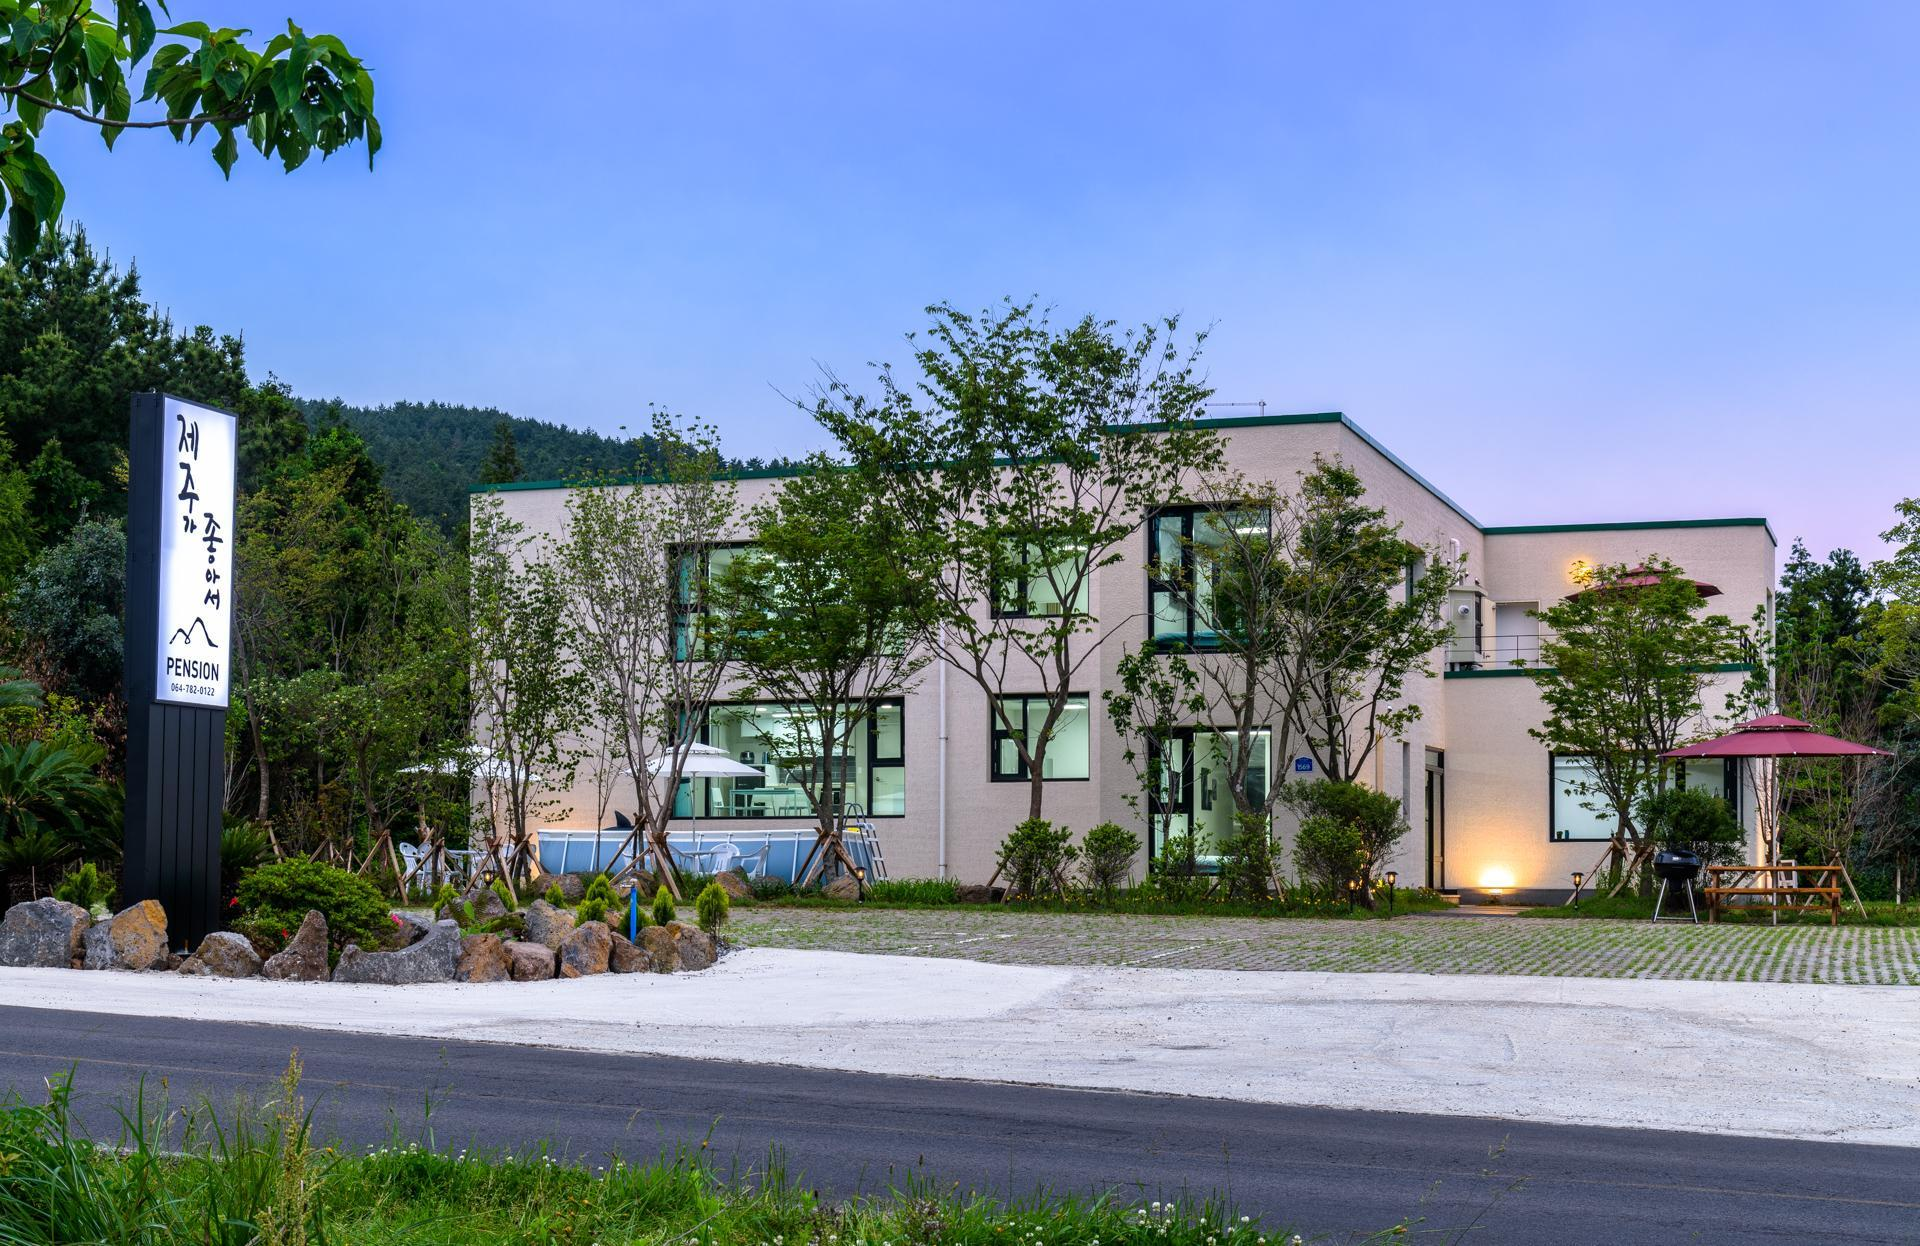 Jeju Like Pension - Halla Mountain National Park. Jeju Island. Jeju. South Korea booking and map.